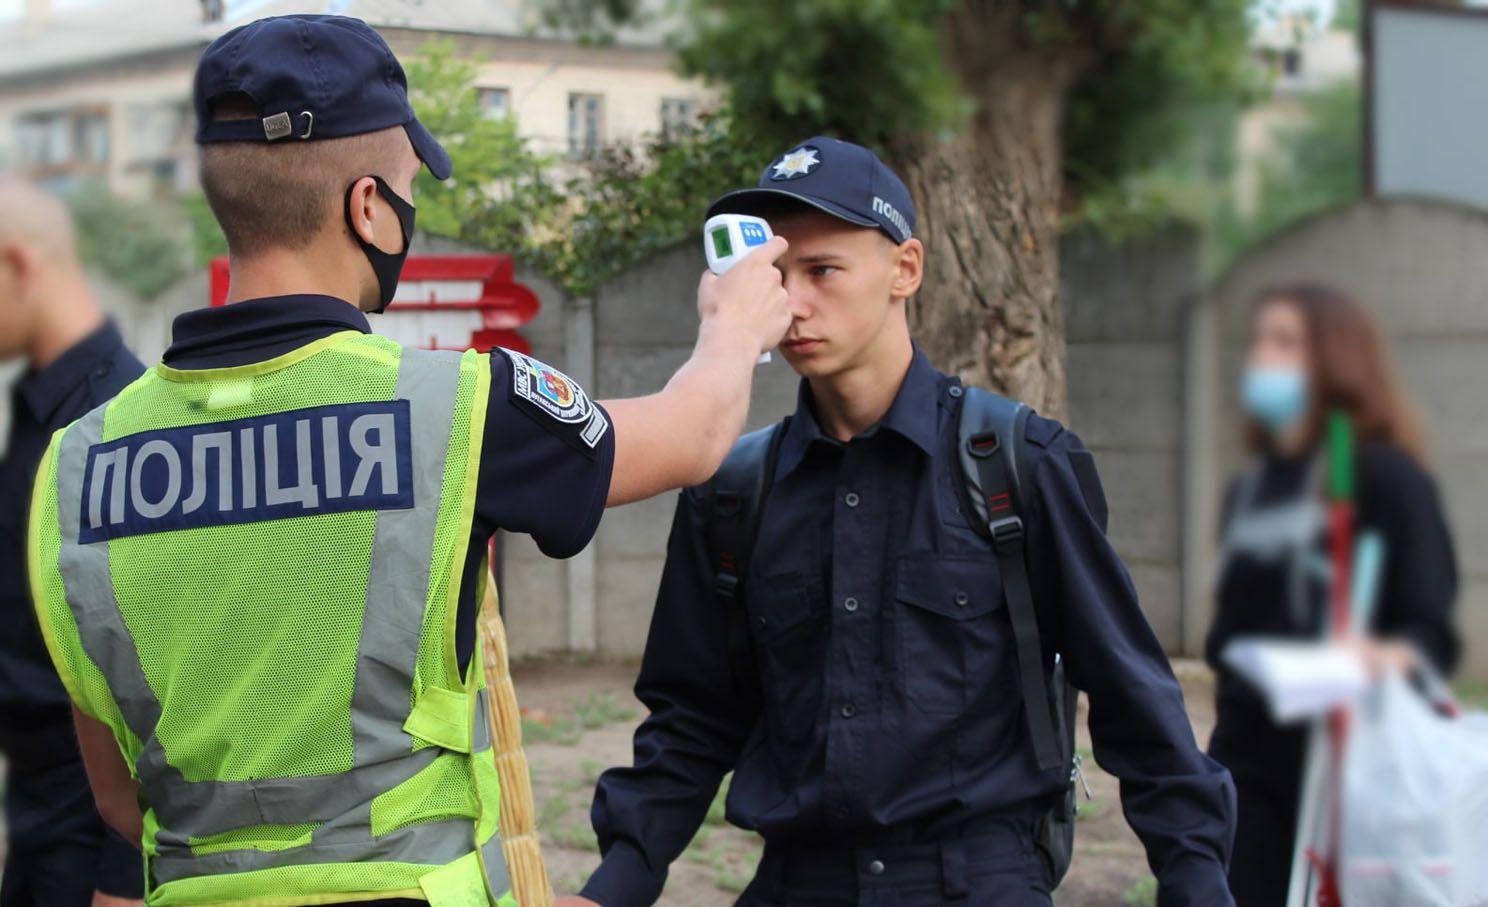 Луганщина: Первокурсники отправились на лагерные сборы